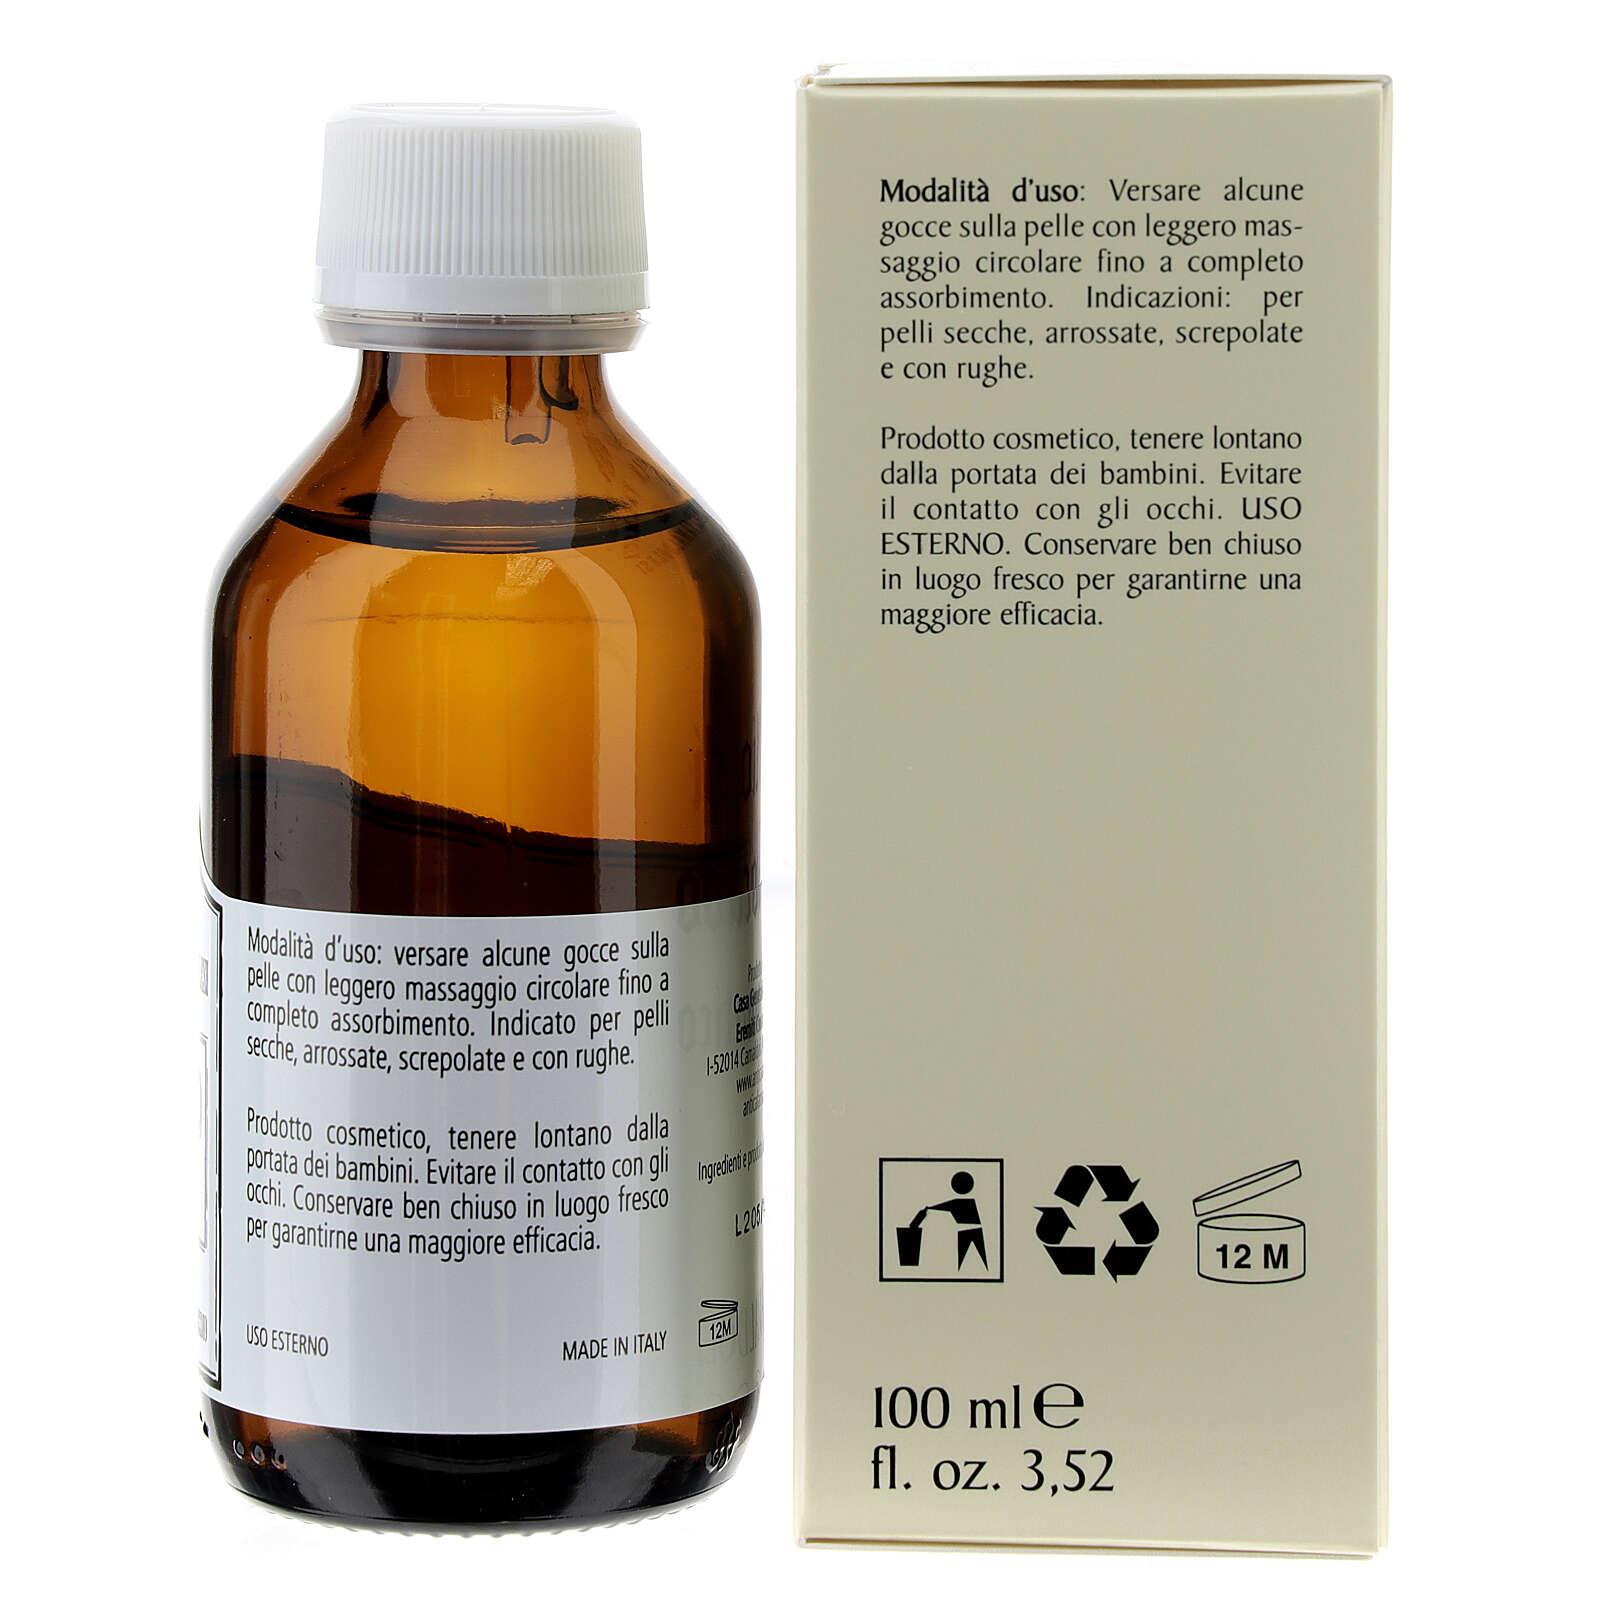 Olio di Avocado Aromatico 100 ml 4